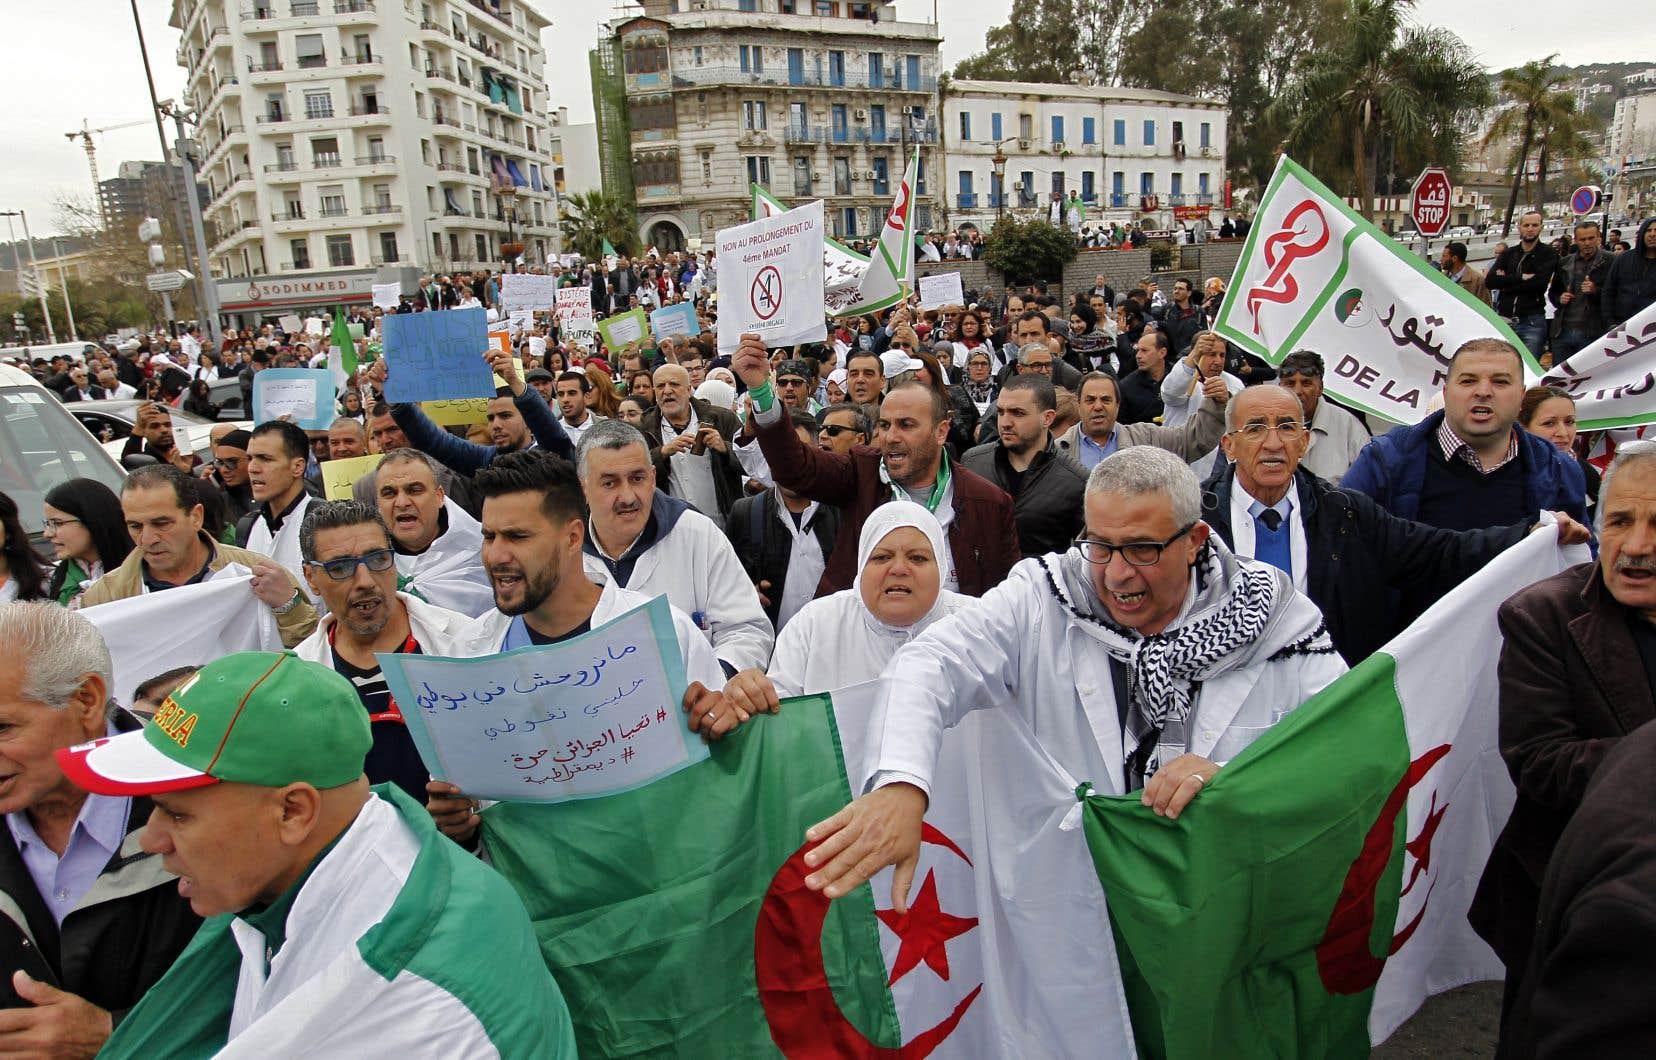 Depuis un mois,une crise politique séviten Algérie.Le camp duchef de l'État algérien, Abdelaziz Bouteflika,continuait mercredi de se fissurer face à la contestation.